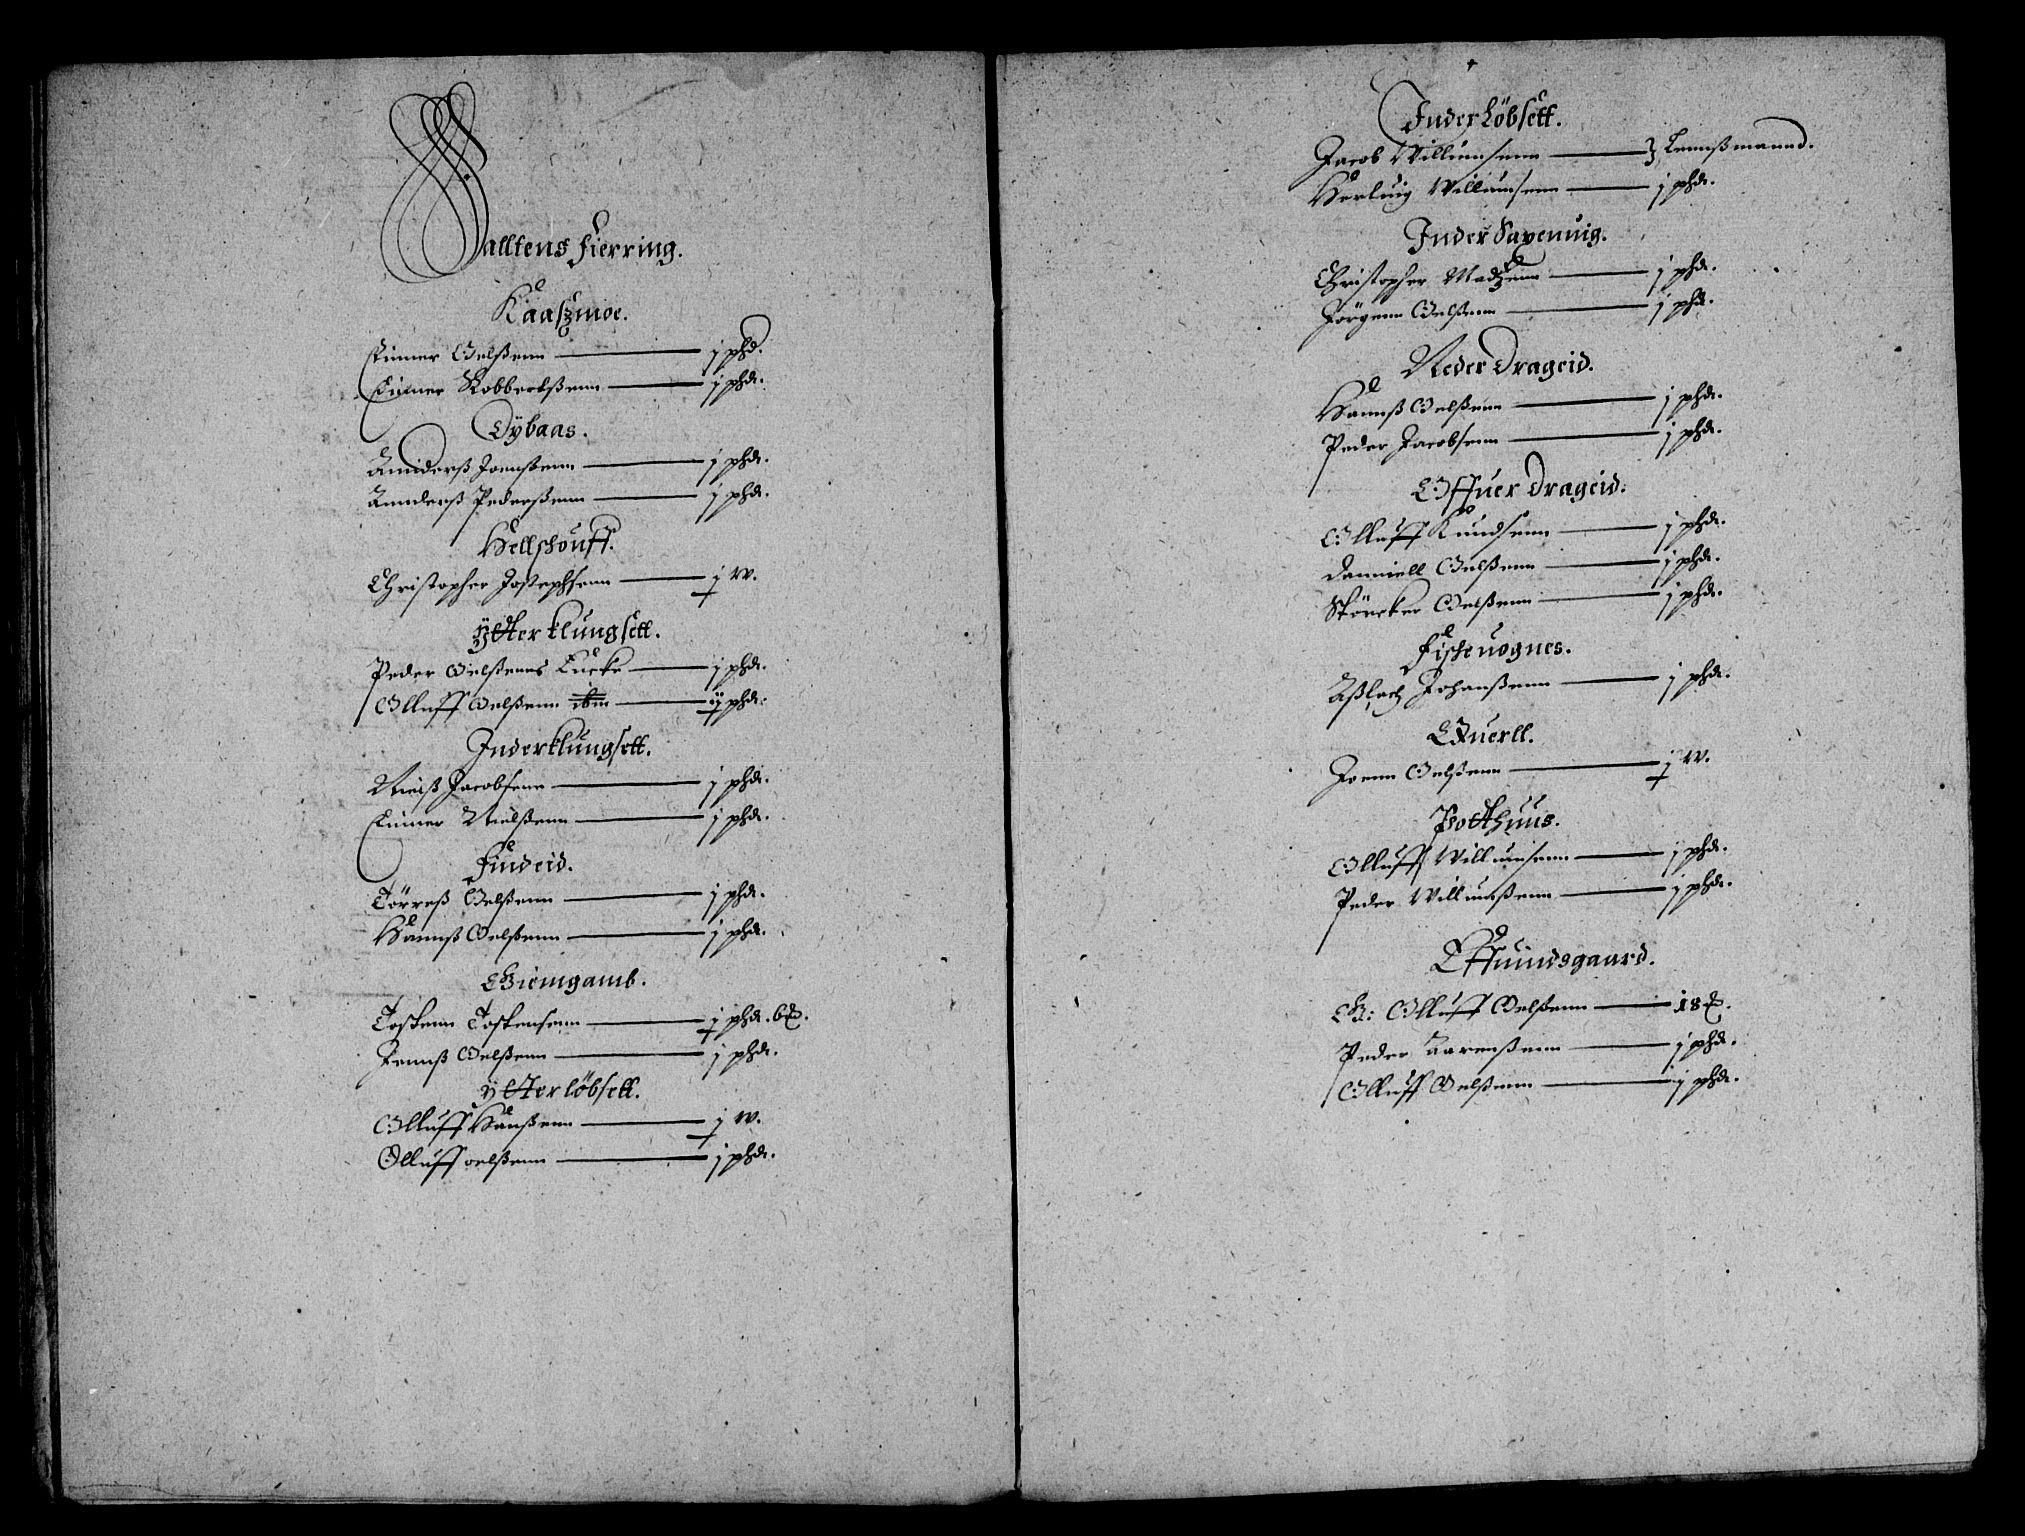 RA, Rentekammeret inntil 1814, Reviderte regnskaper, Lensregnskaper, R/Rb/Rbz/L0039: Nordlandenes len, 1656-1663